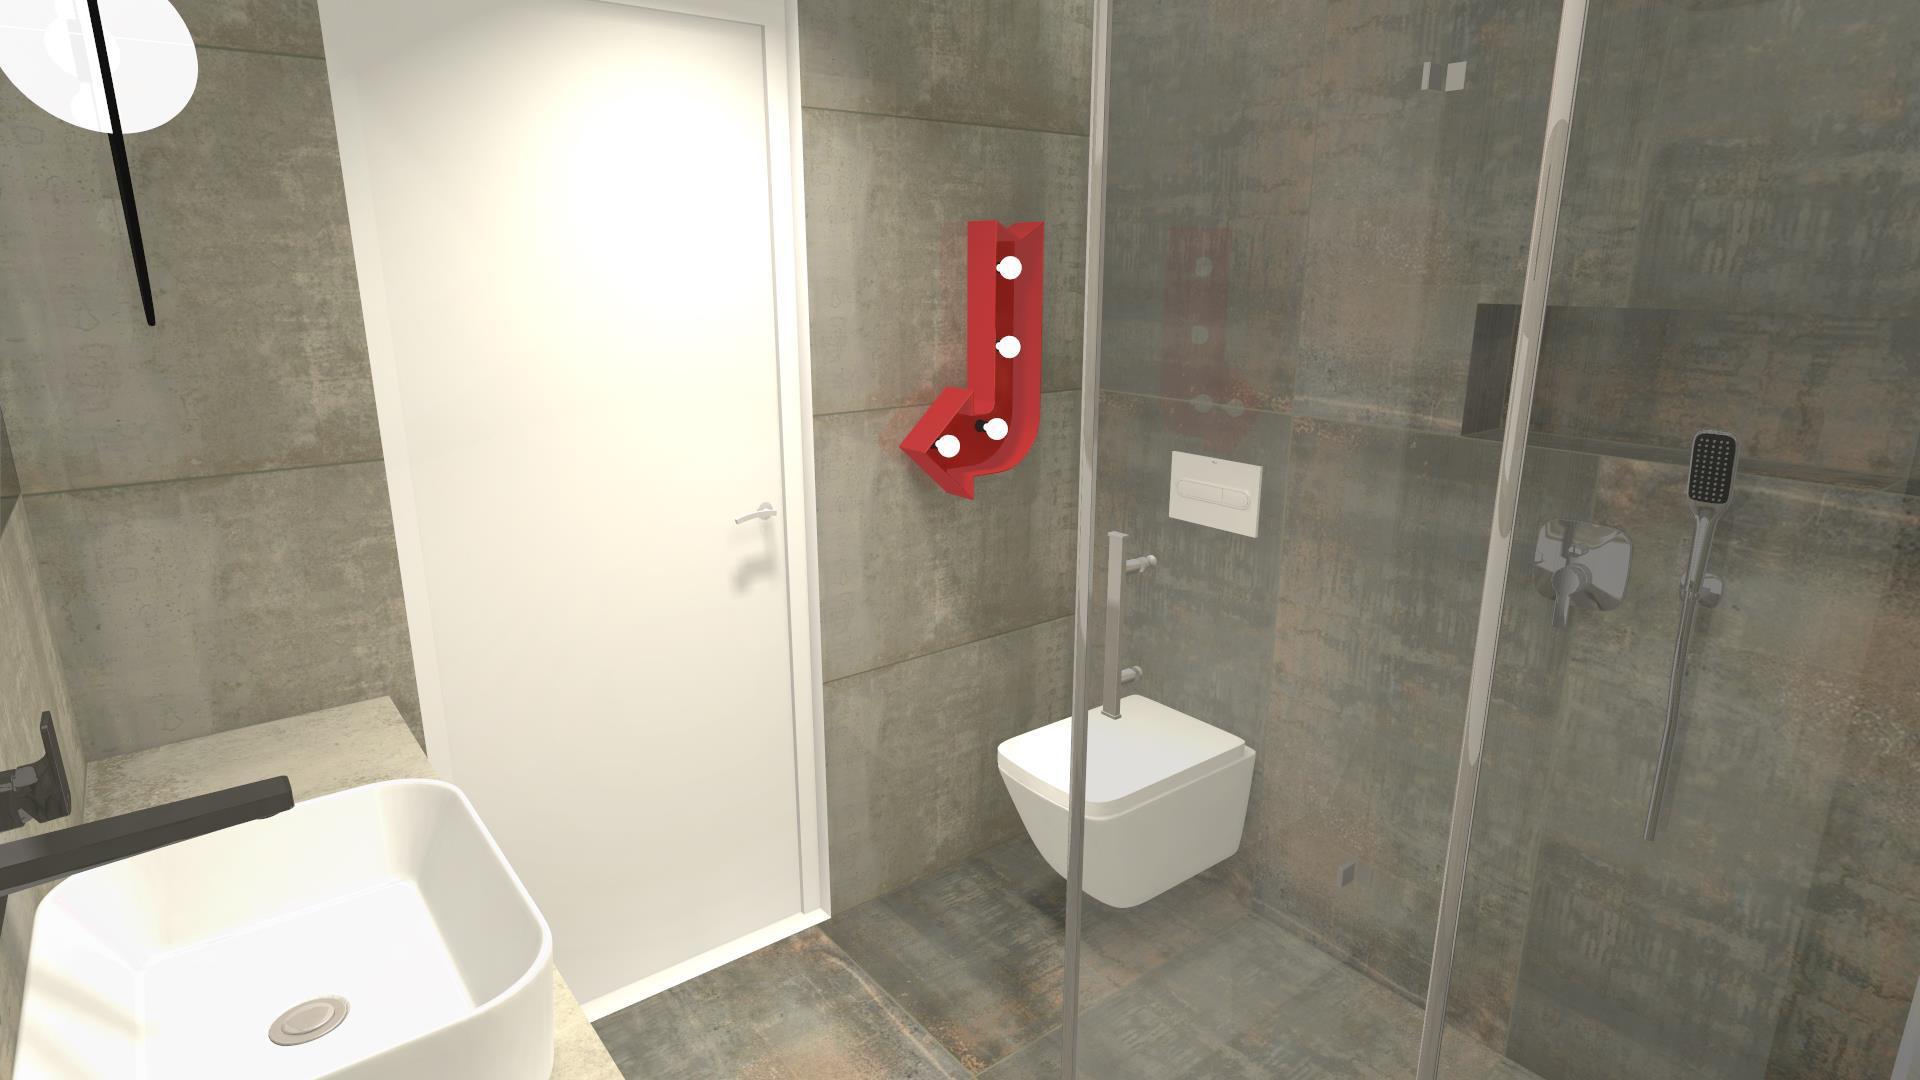 Nowoczesny kinkiet w łazience